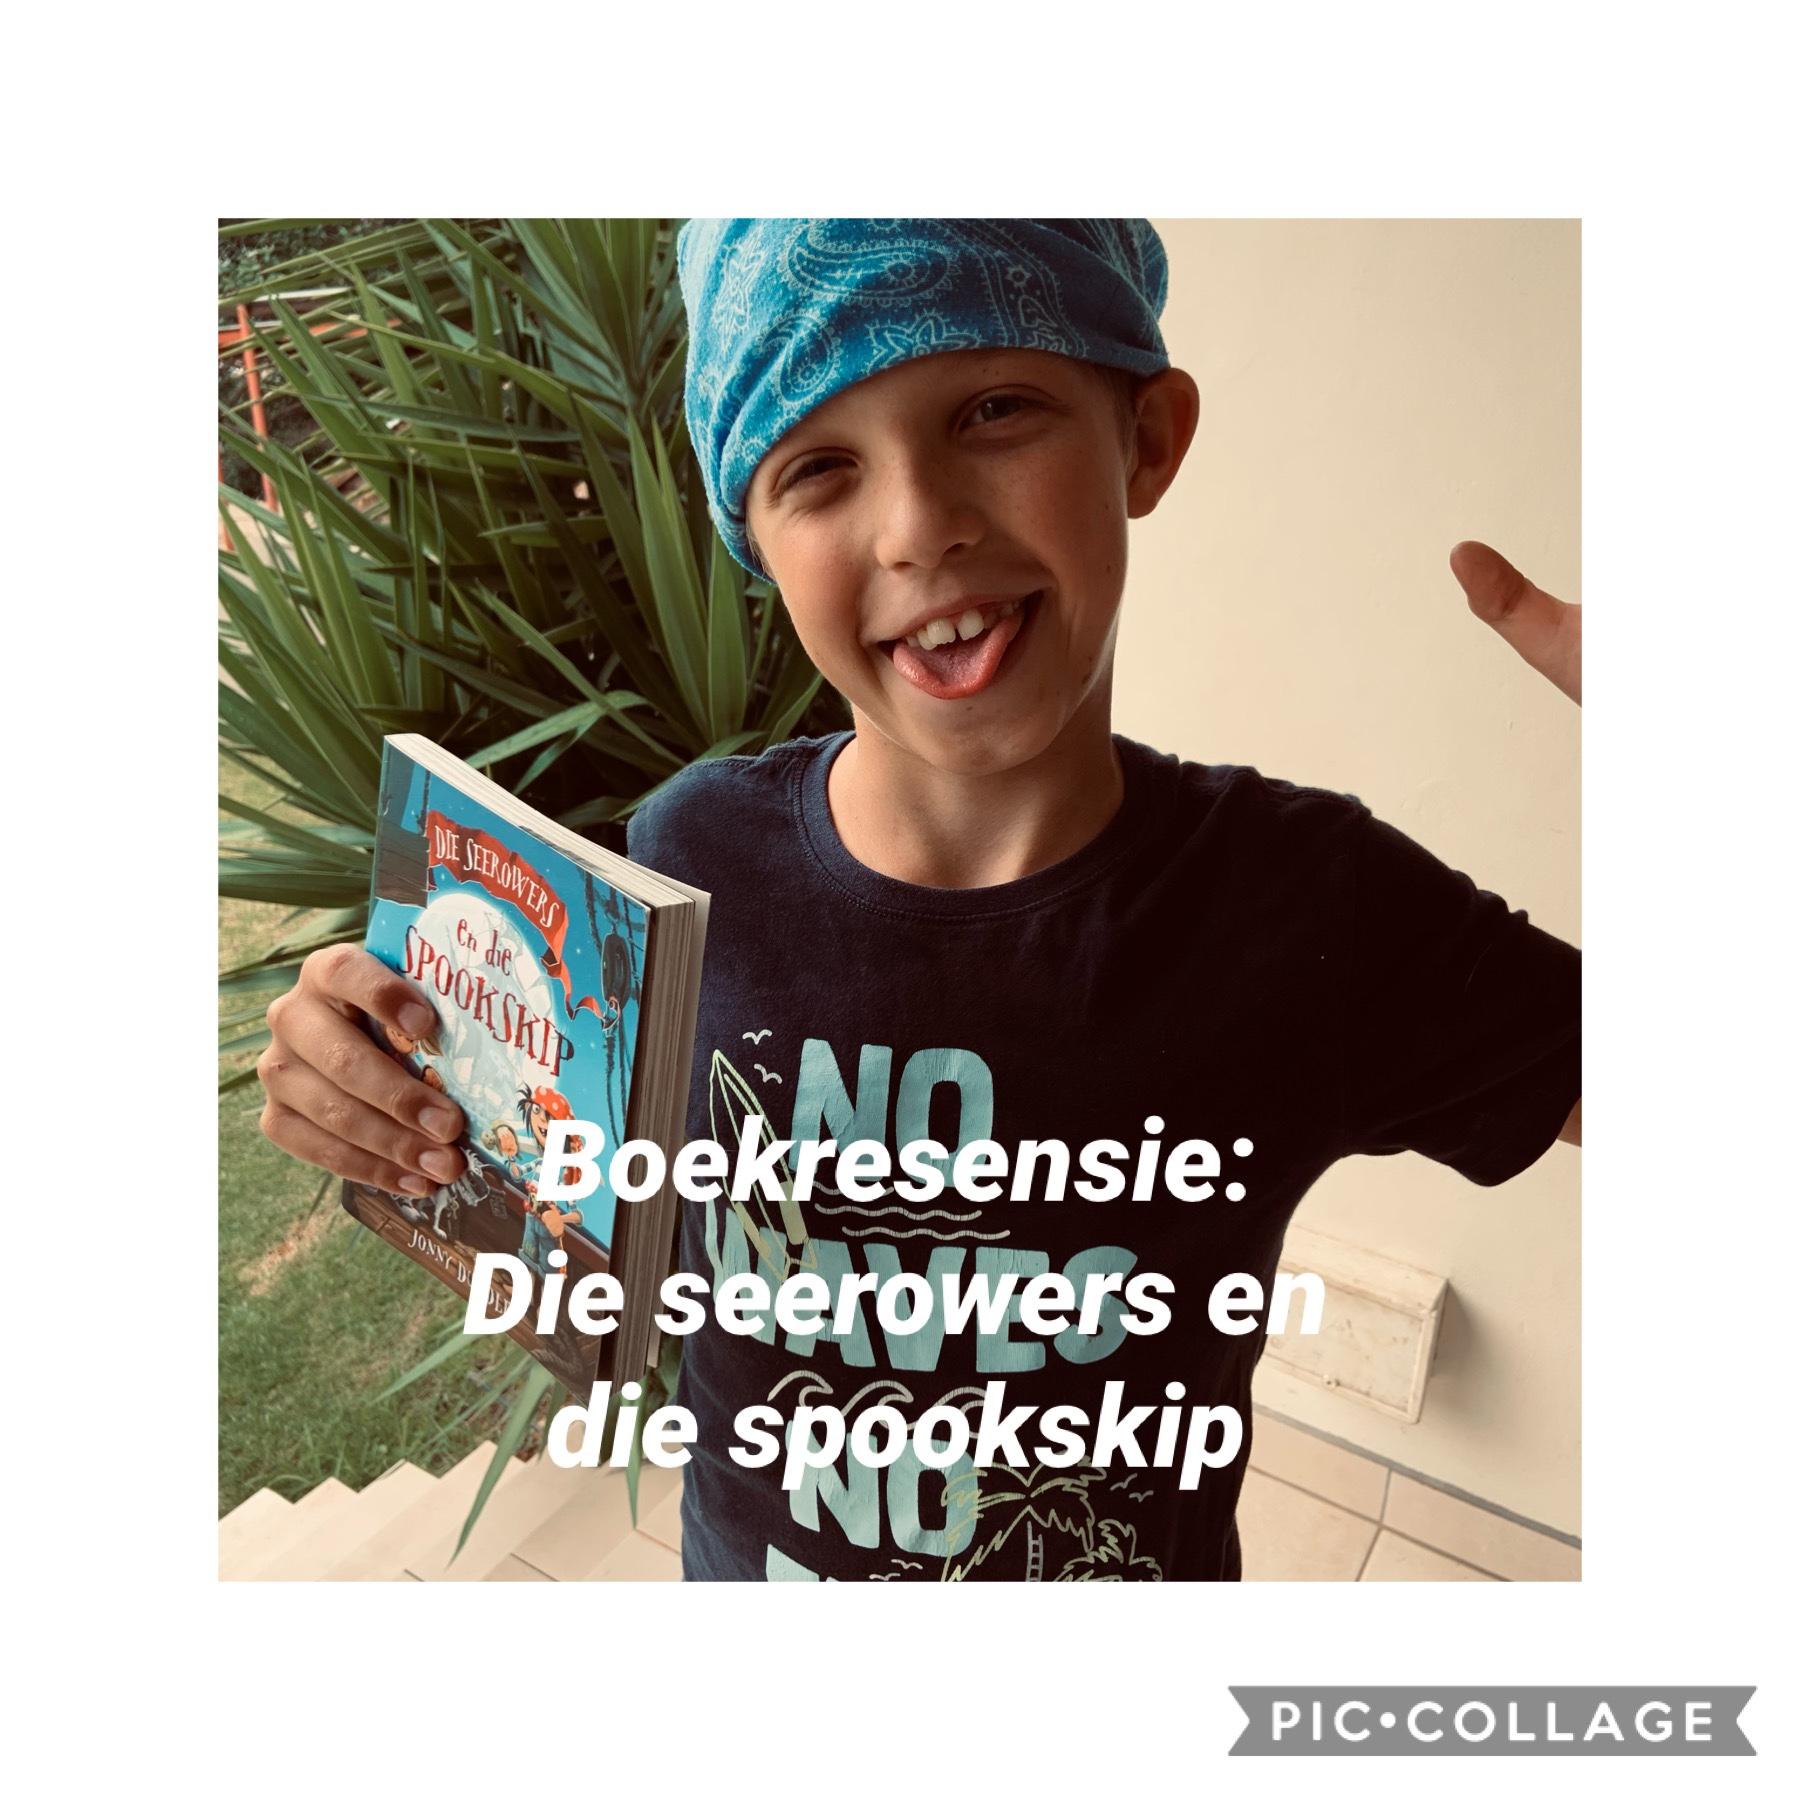 Boekresensie: Die seerowers en die spookskip